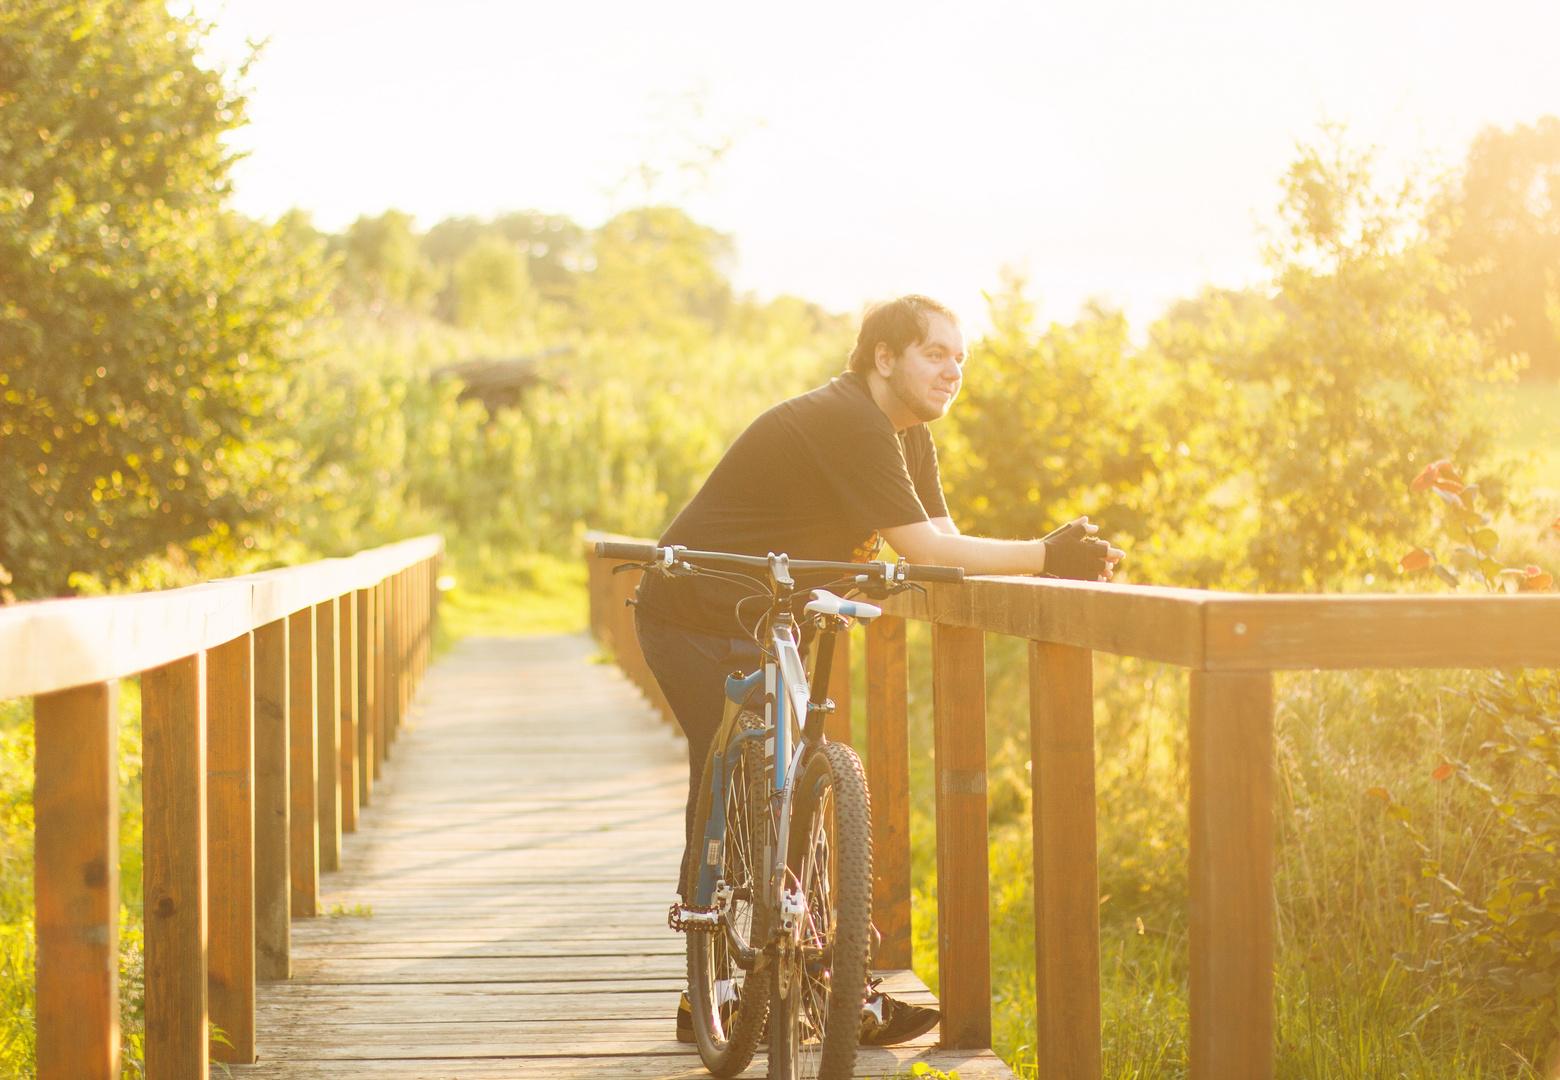 Mein Bike und ich